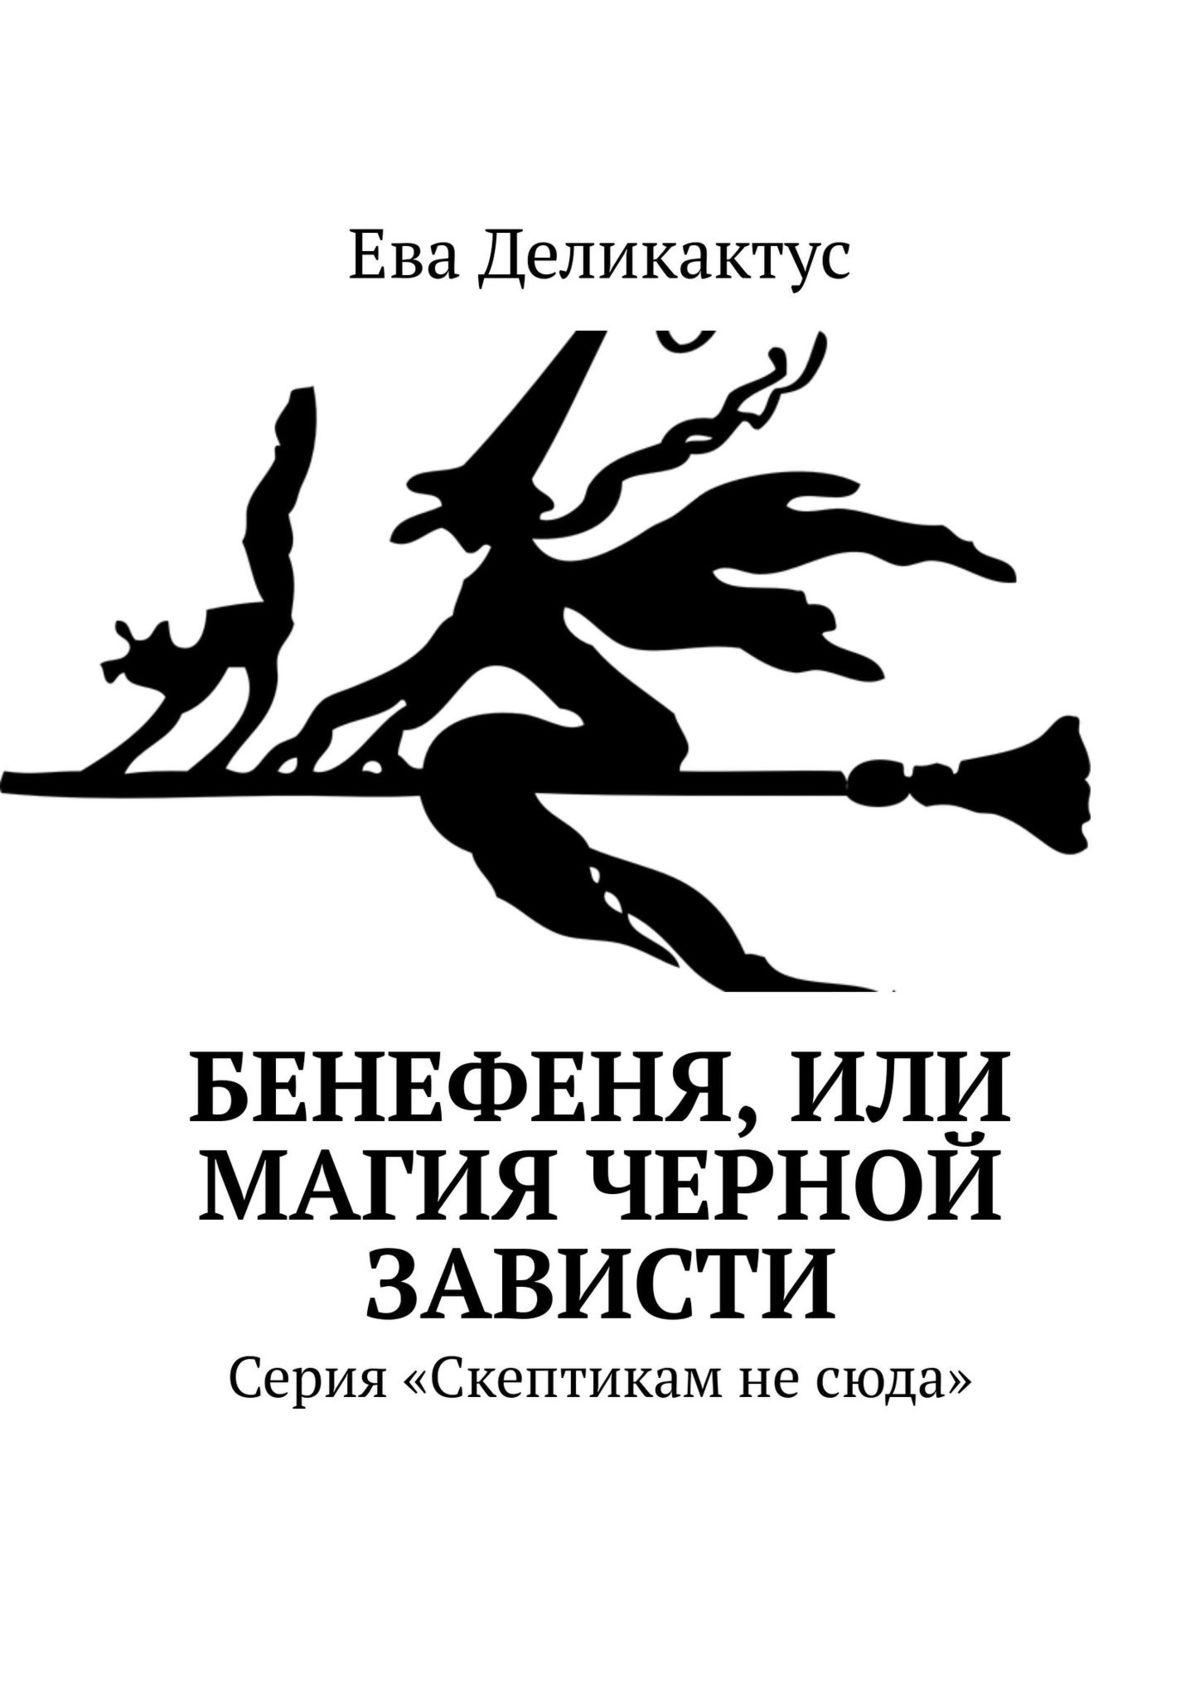 Ева Деликактус Бенефеня, или Магия черной зависти. История и психологическое эссе найт рени все совпадения случайны